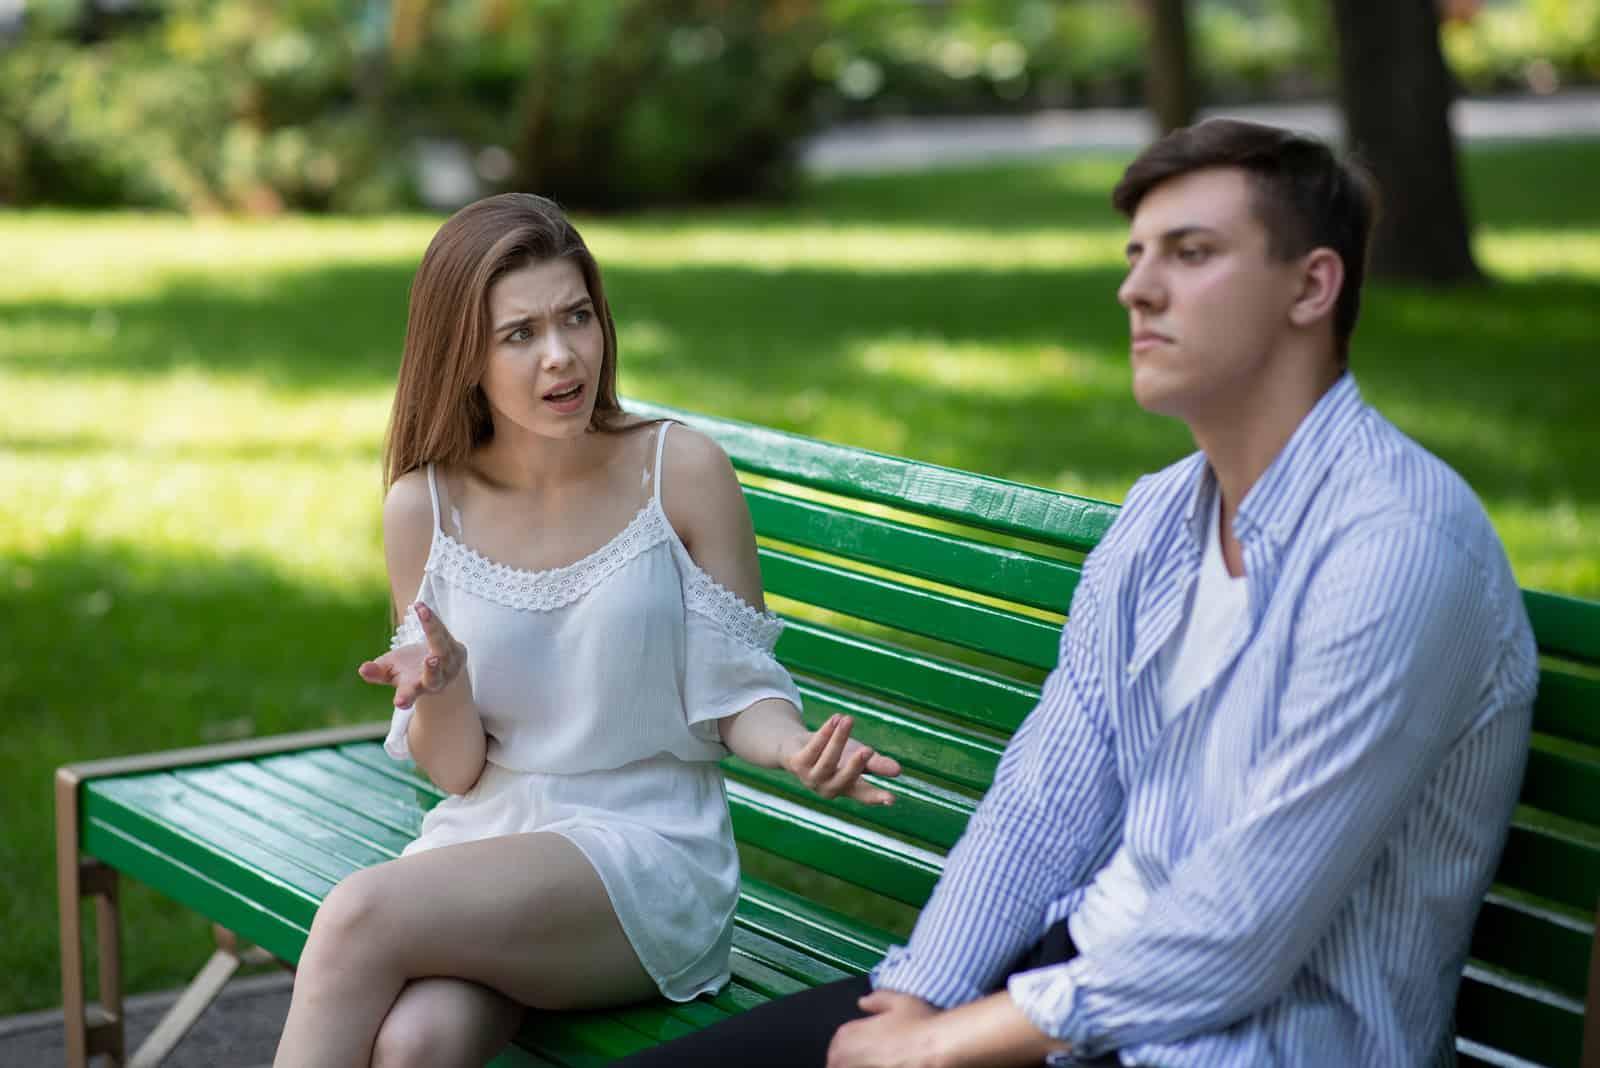 femme hurlant sur un homme assis sur un banc